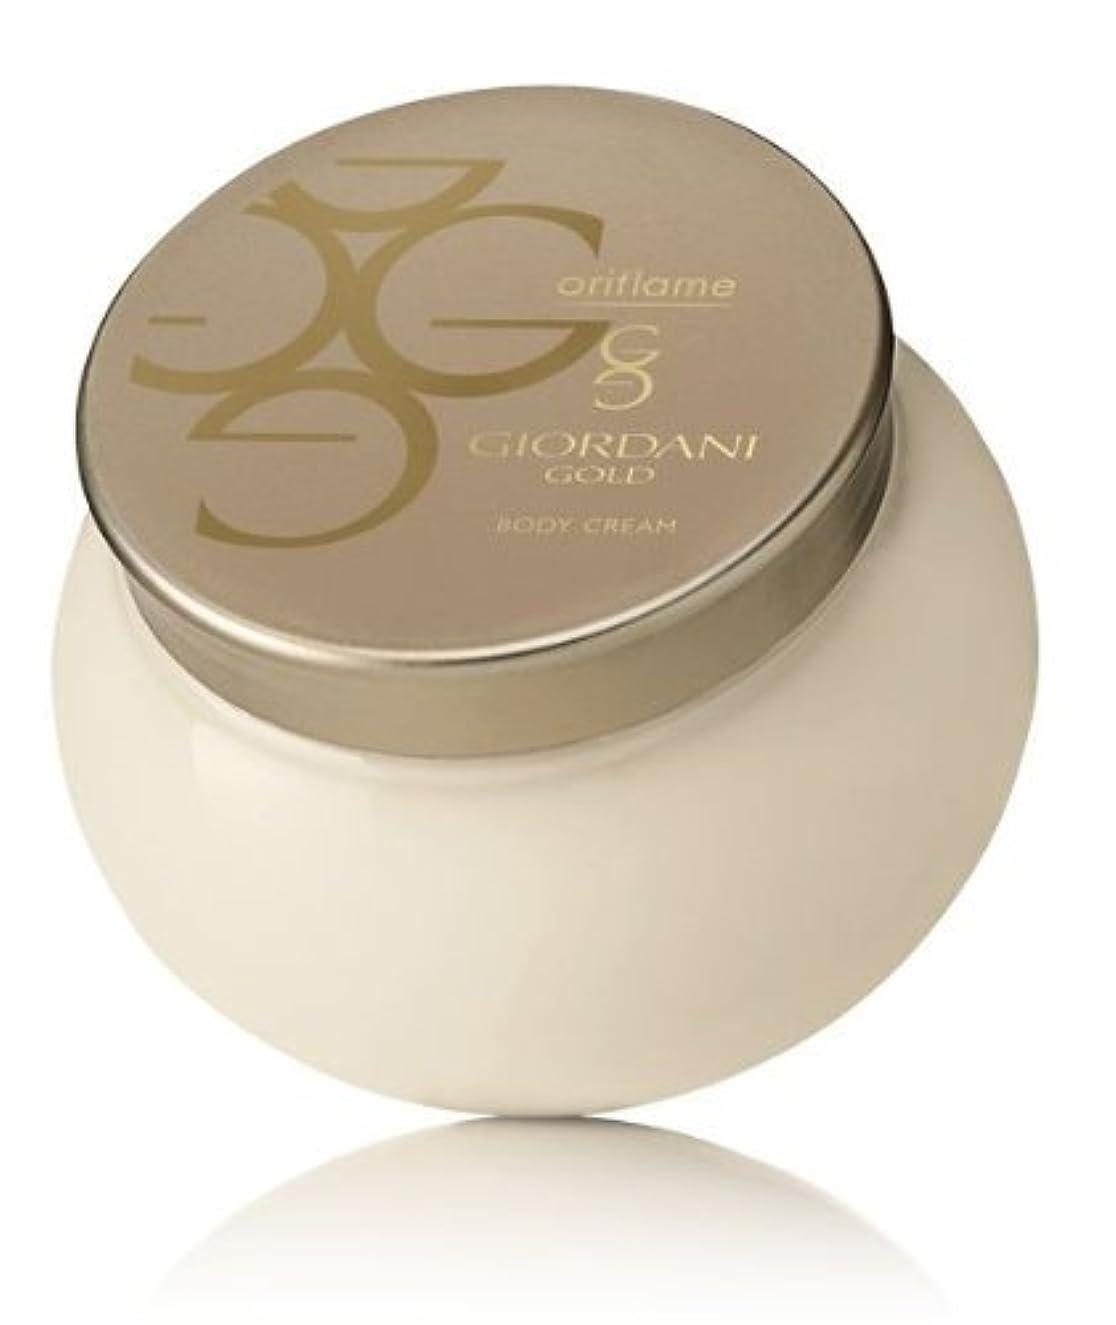 適用済み予防接種遮るGiordani Gold Body Cream by Oriflame